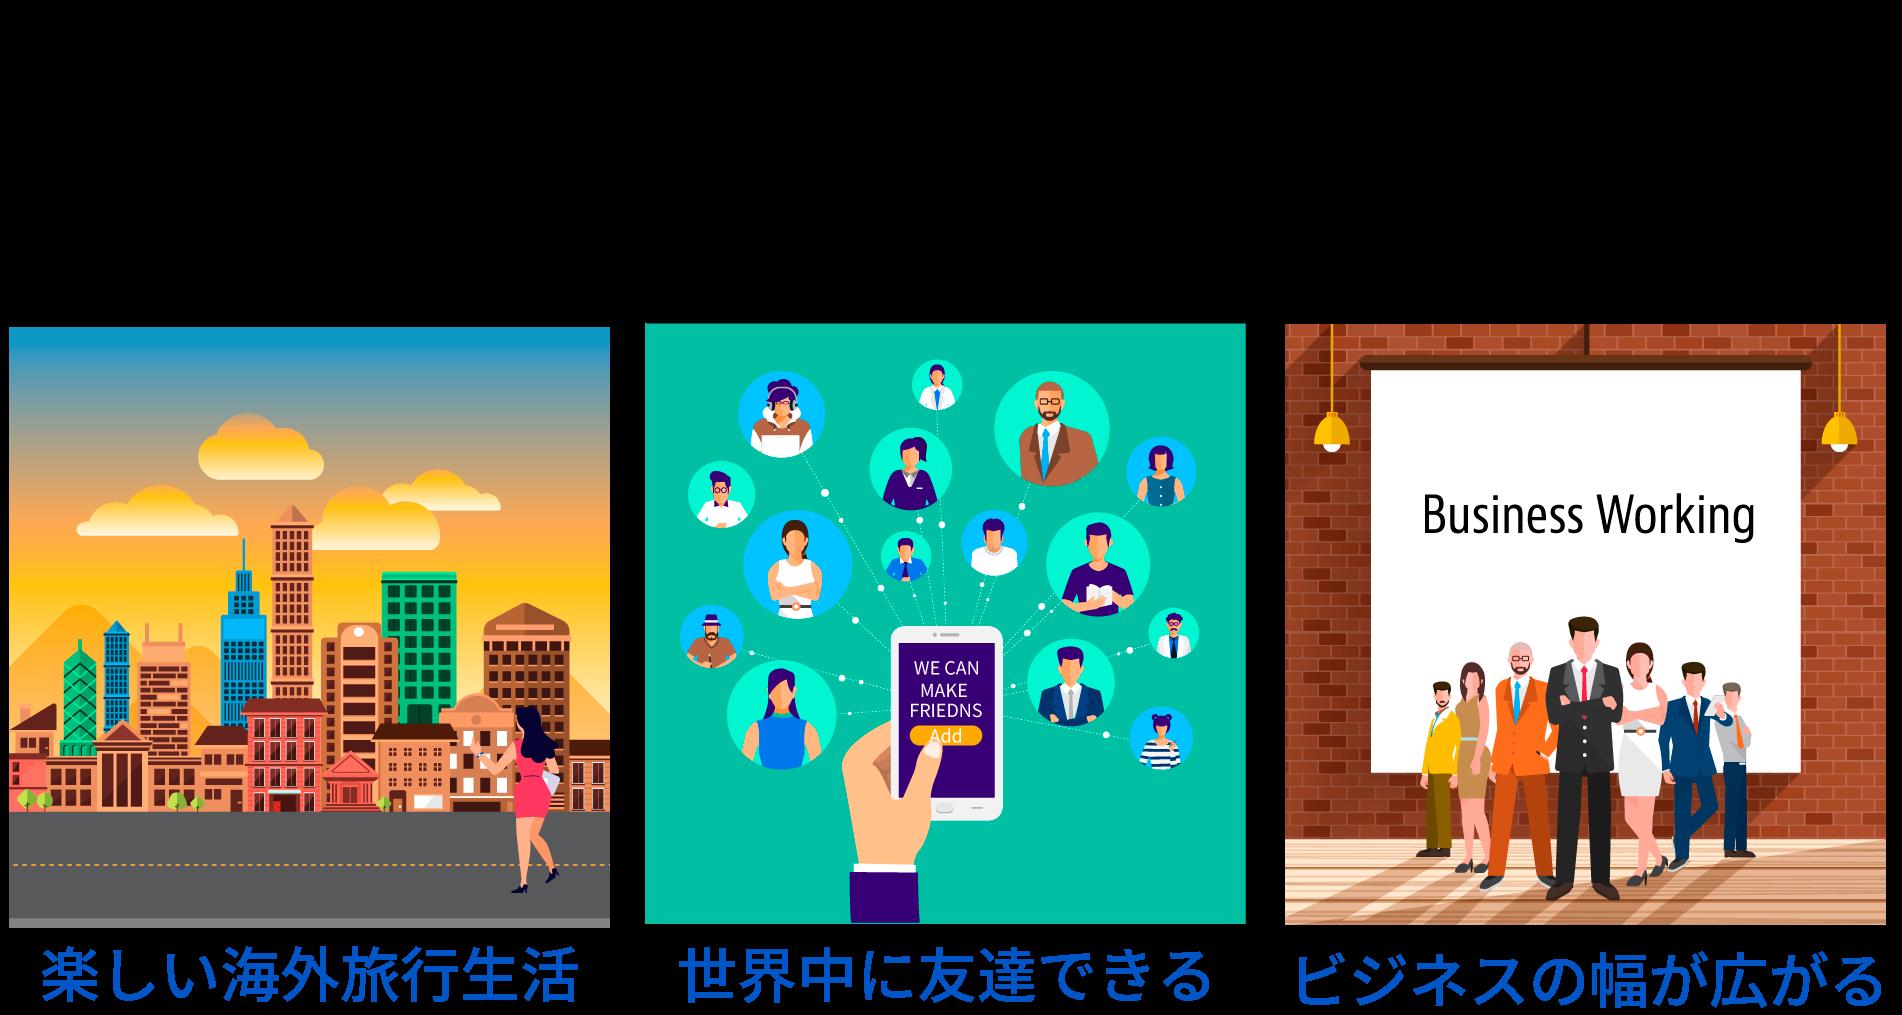 今までできなかったことができるようになって新しい自分を発見できる!例えば・・・海外旅行なら英語が話せるので不便なく楽しい海外旅行を楽しめる。繋がる:世界各国に友達ができたり、コミュケーションが取れる。ビジネス:様々なビジネスチャンスや海外で働いたり、給料アップに繋がる!